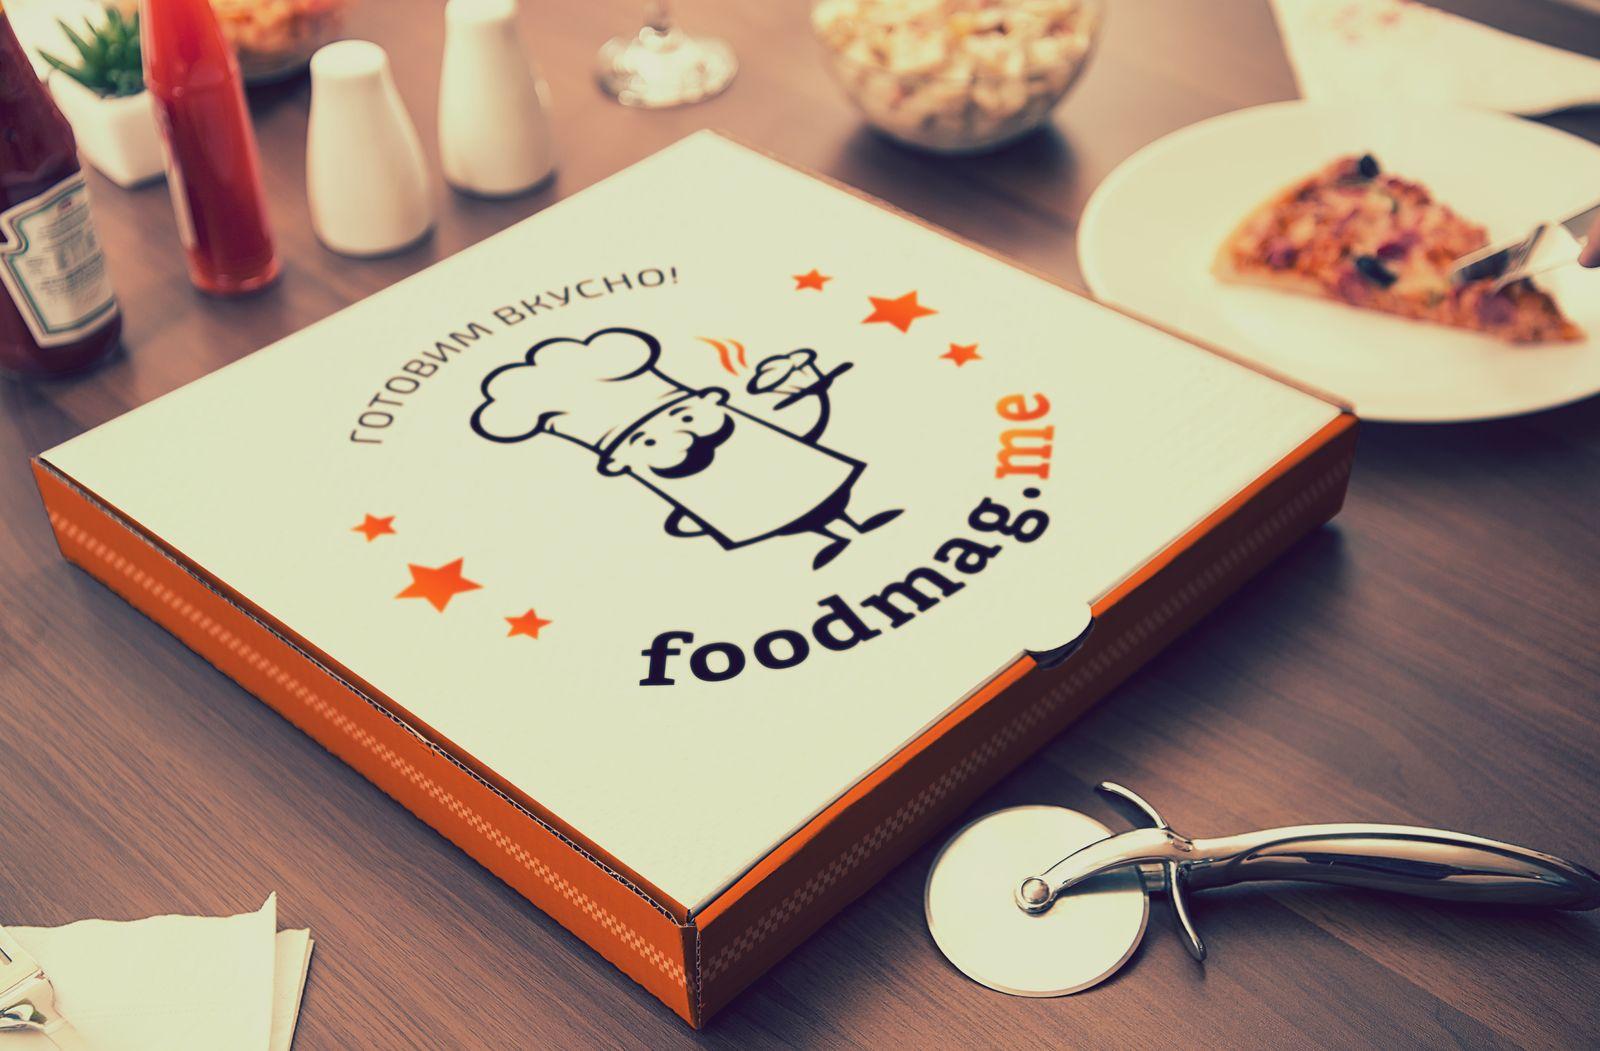 Разработка сайта Foodmag.me – для любителей готовить! | Студия Ракета